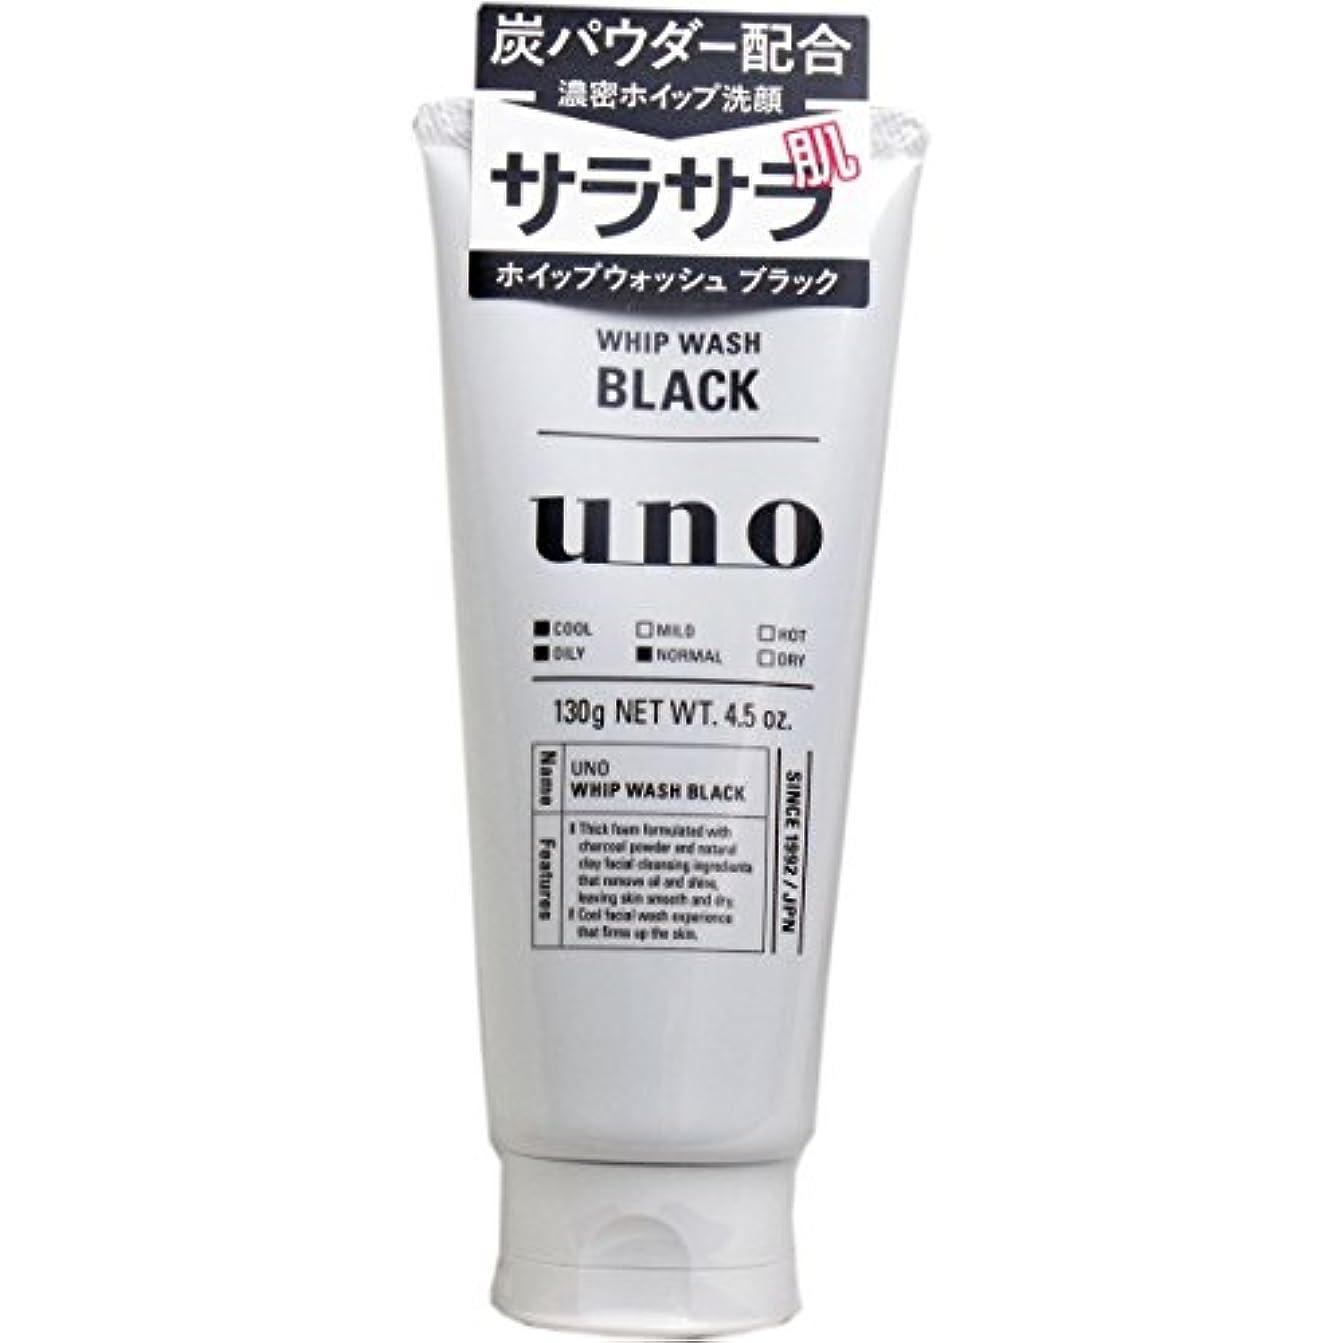 ふつうパンダテーマ【まとめ買い】ウーノ ホイップウォッシュ (ブラック) 洗顔料 130g×4個